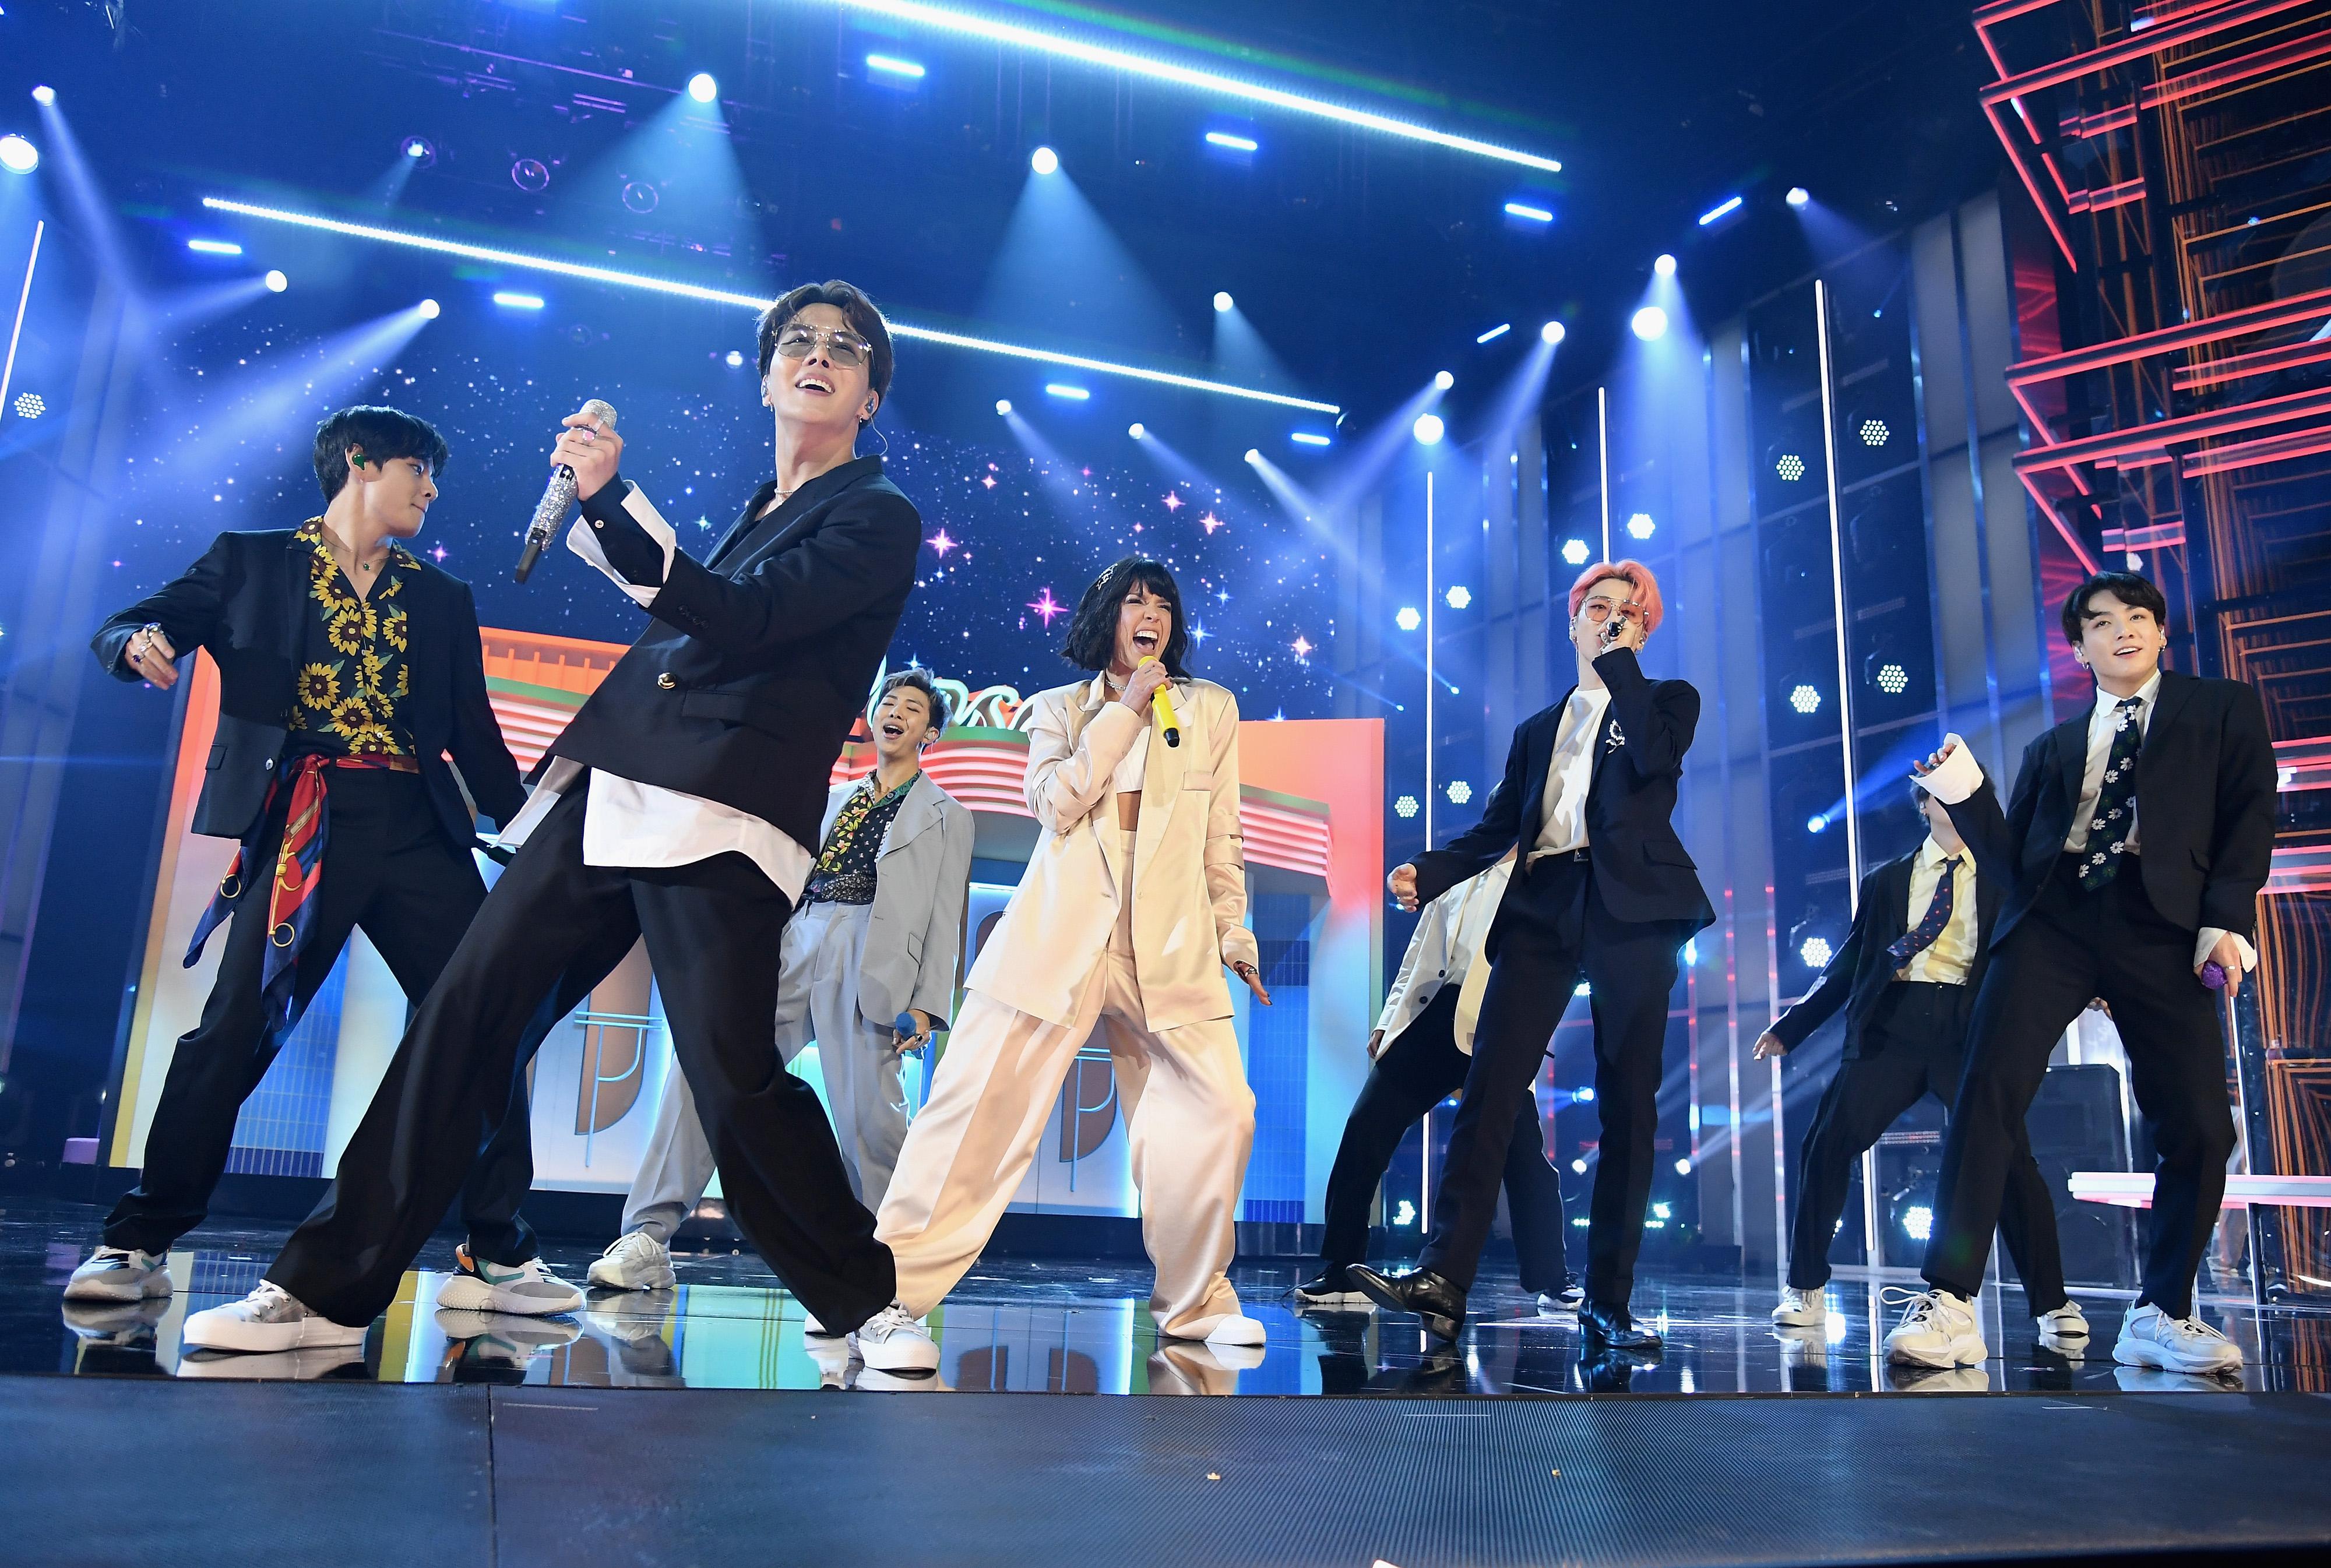 BTS Ungkap Kesedihan Tak Bisa Berjumpa Fans Gara-Gara Wabah COVID-19 © Big Hit Entertainment